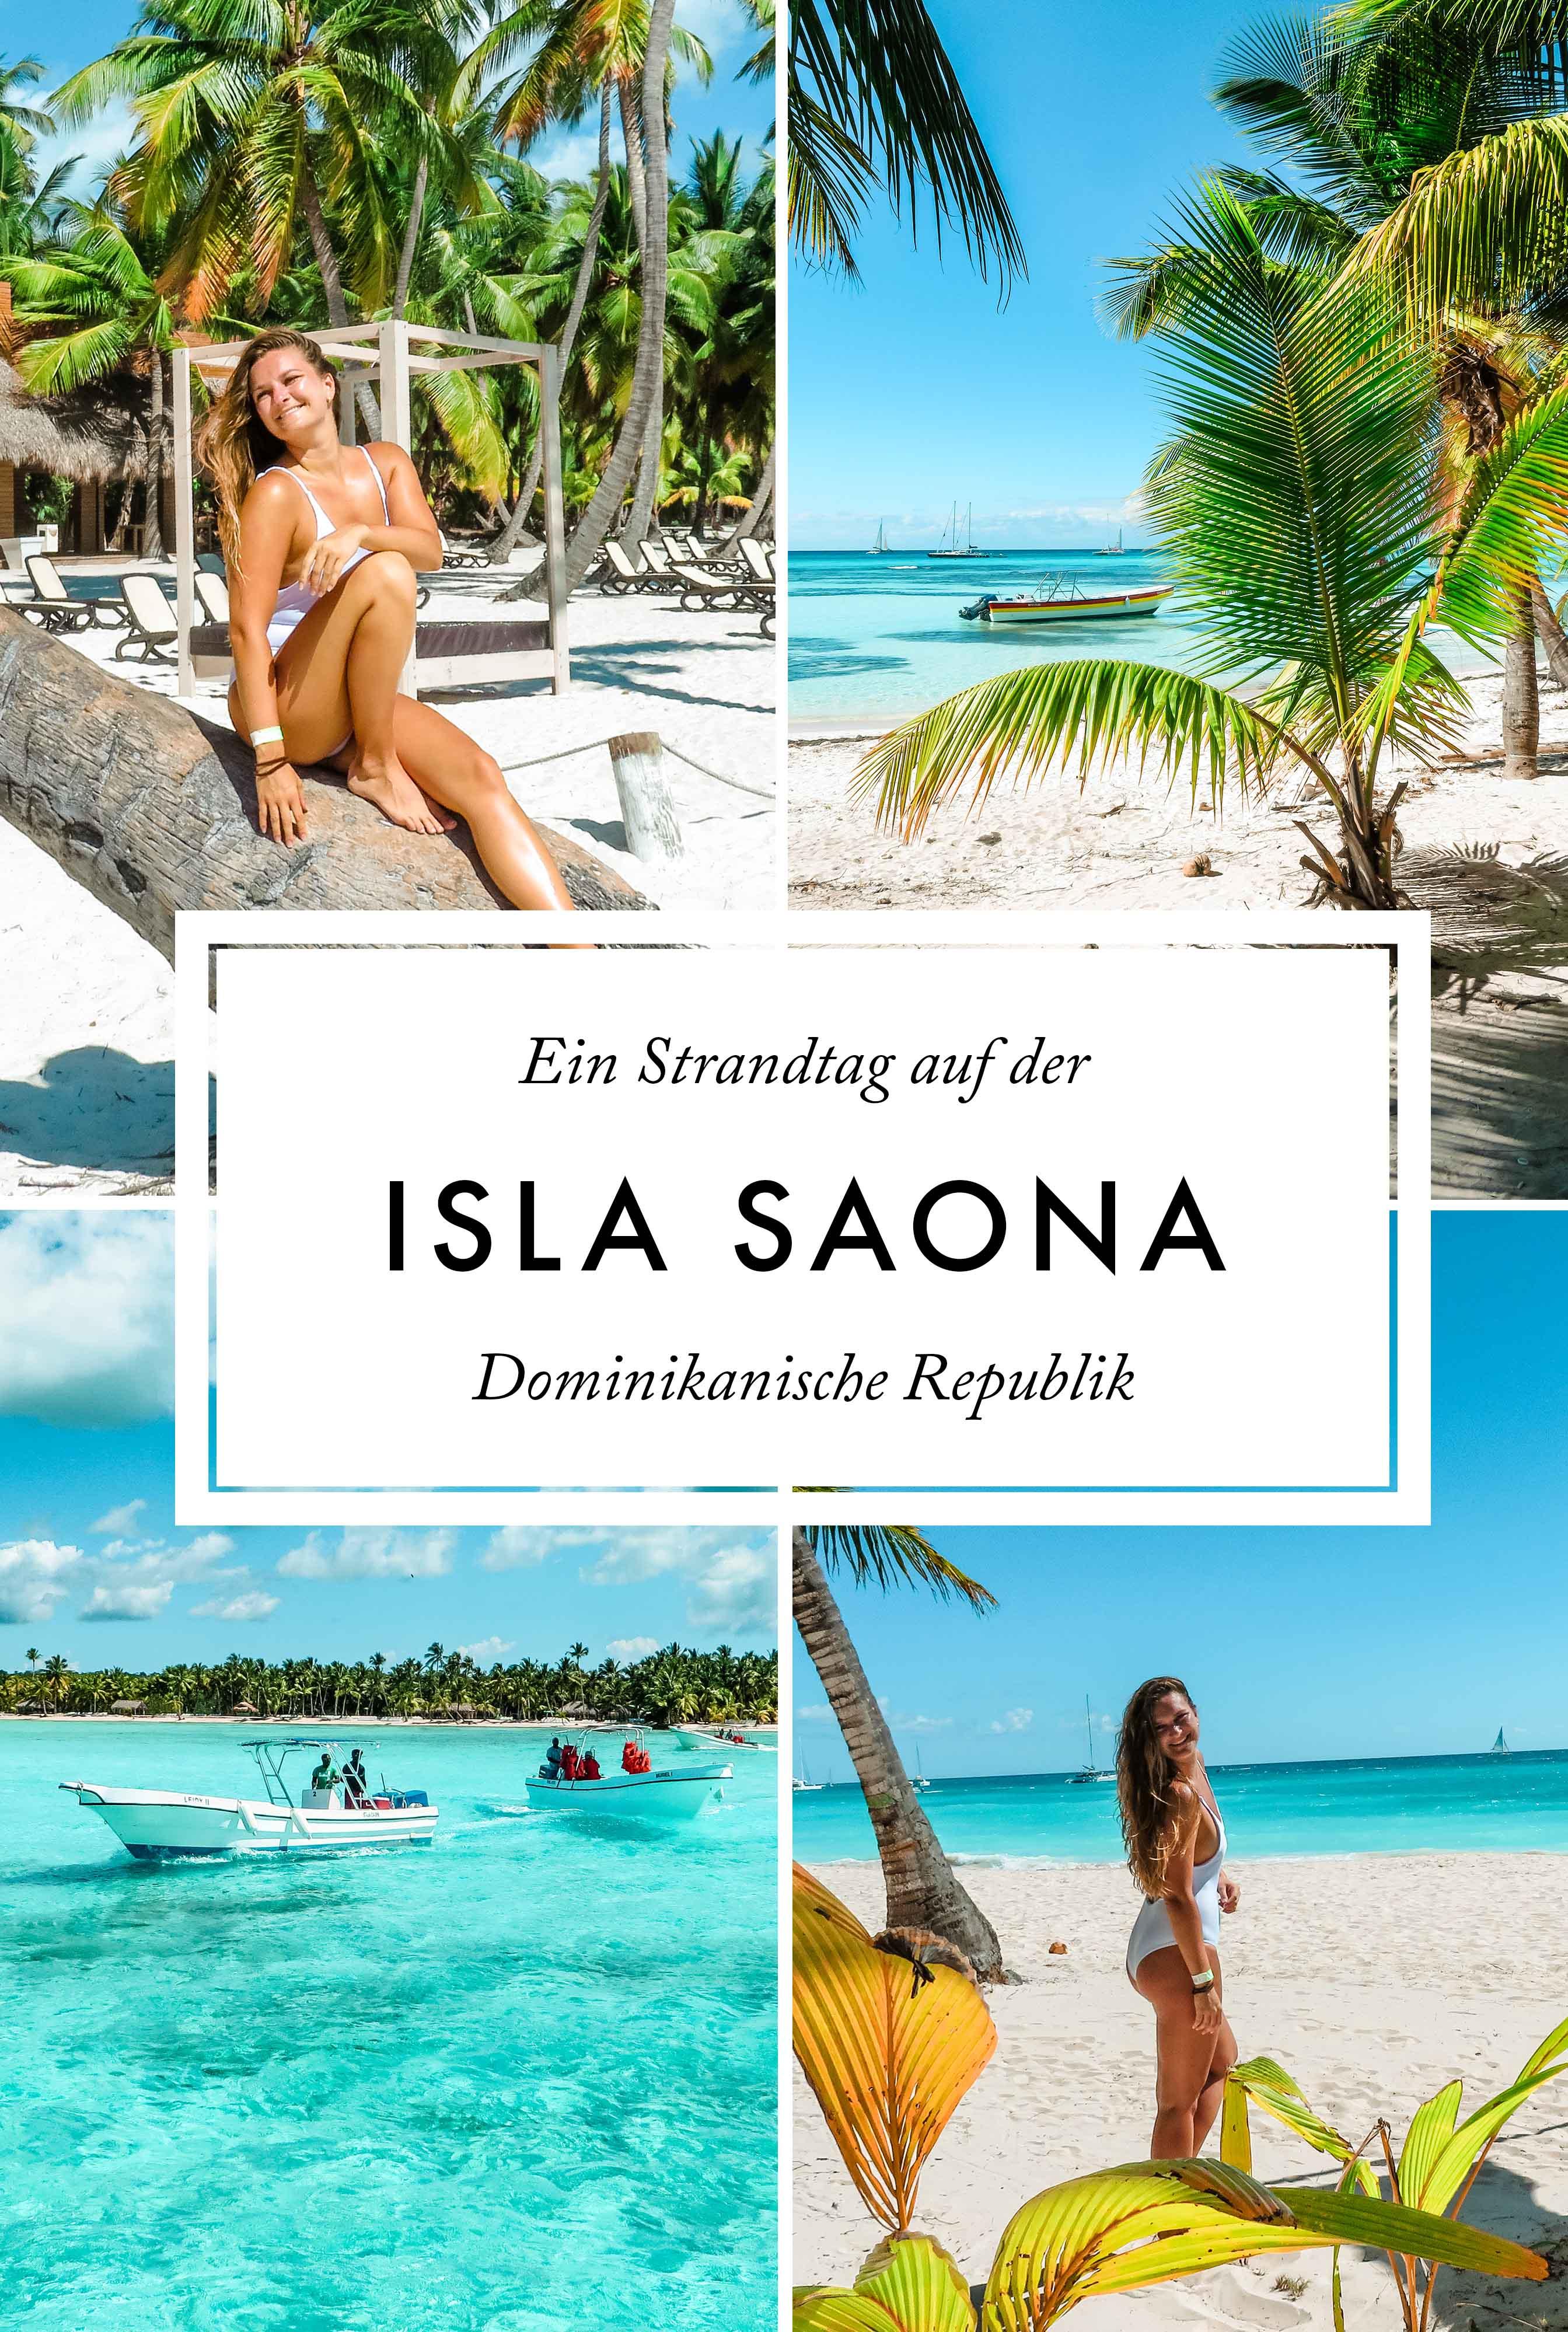 Dominikanische Republik Isla Saona Pinterest